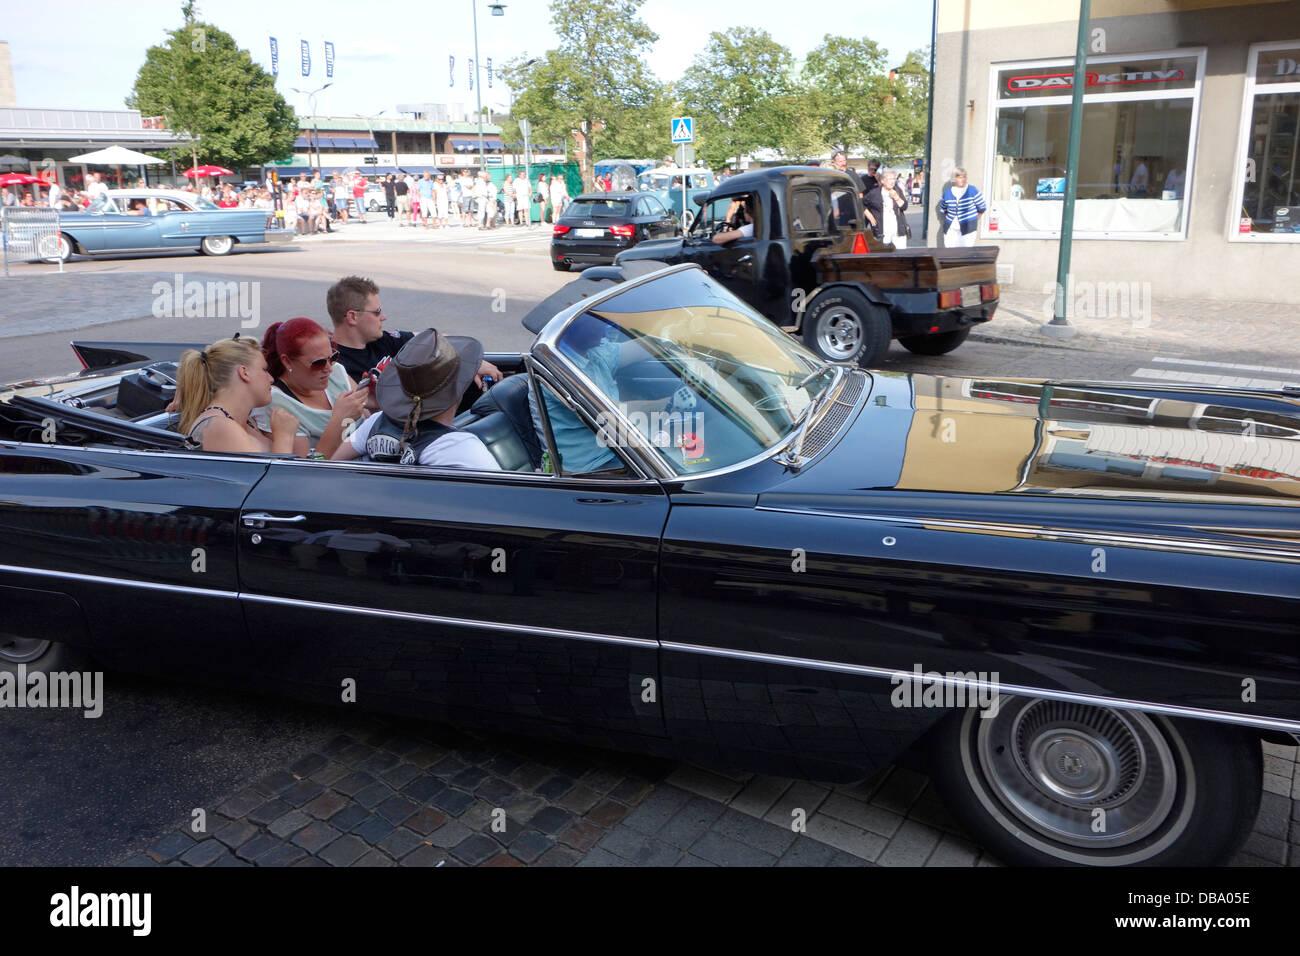 Rockabilly Style Personen fahren in einem Oldtimer auf der Straße in der Stadt Varberg, Schweden Stockbild